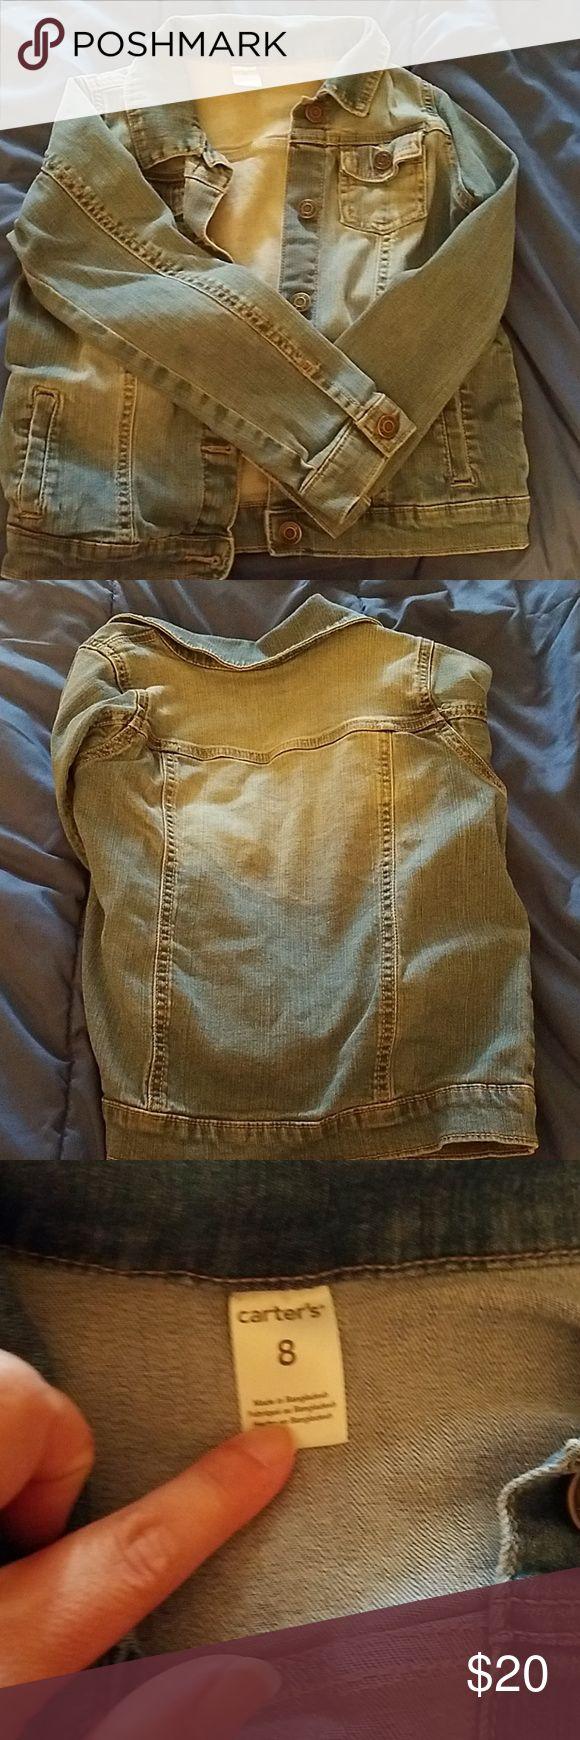 Carter's jean jacket Girls jean jacket Jackets & Coats